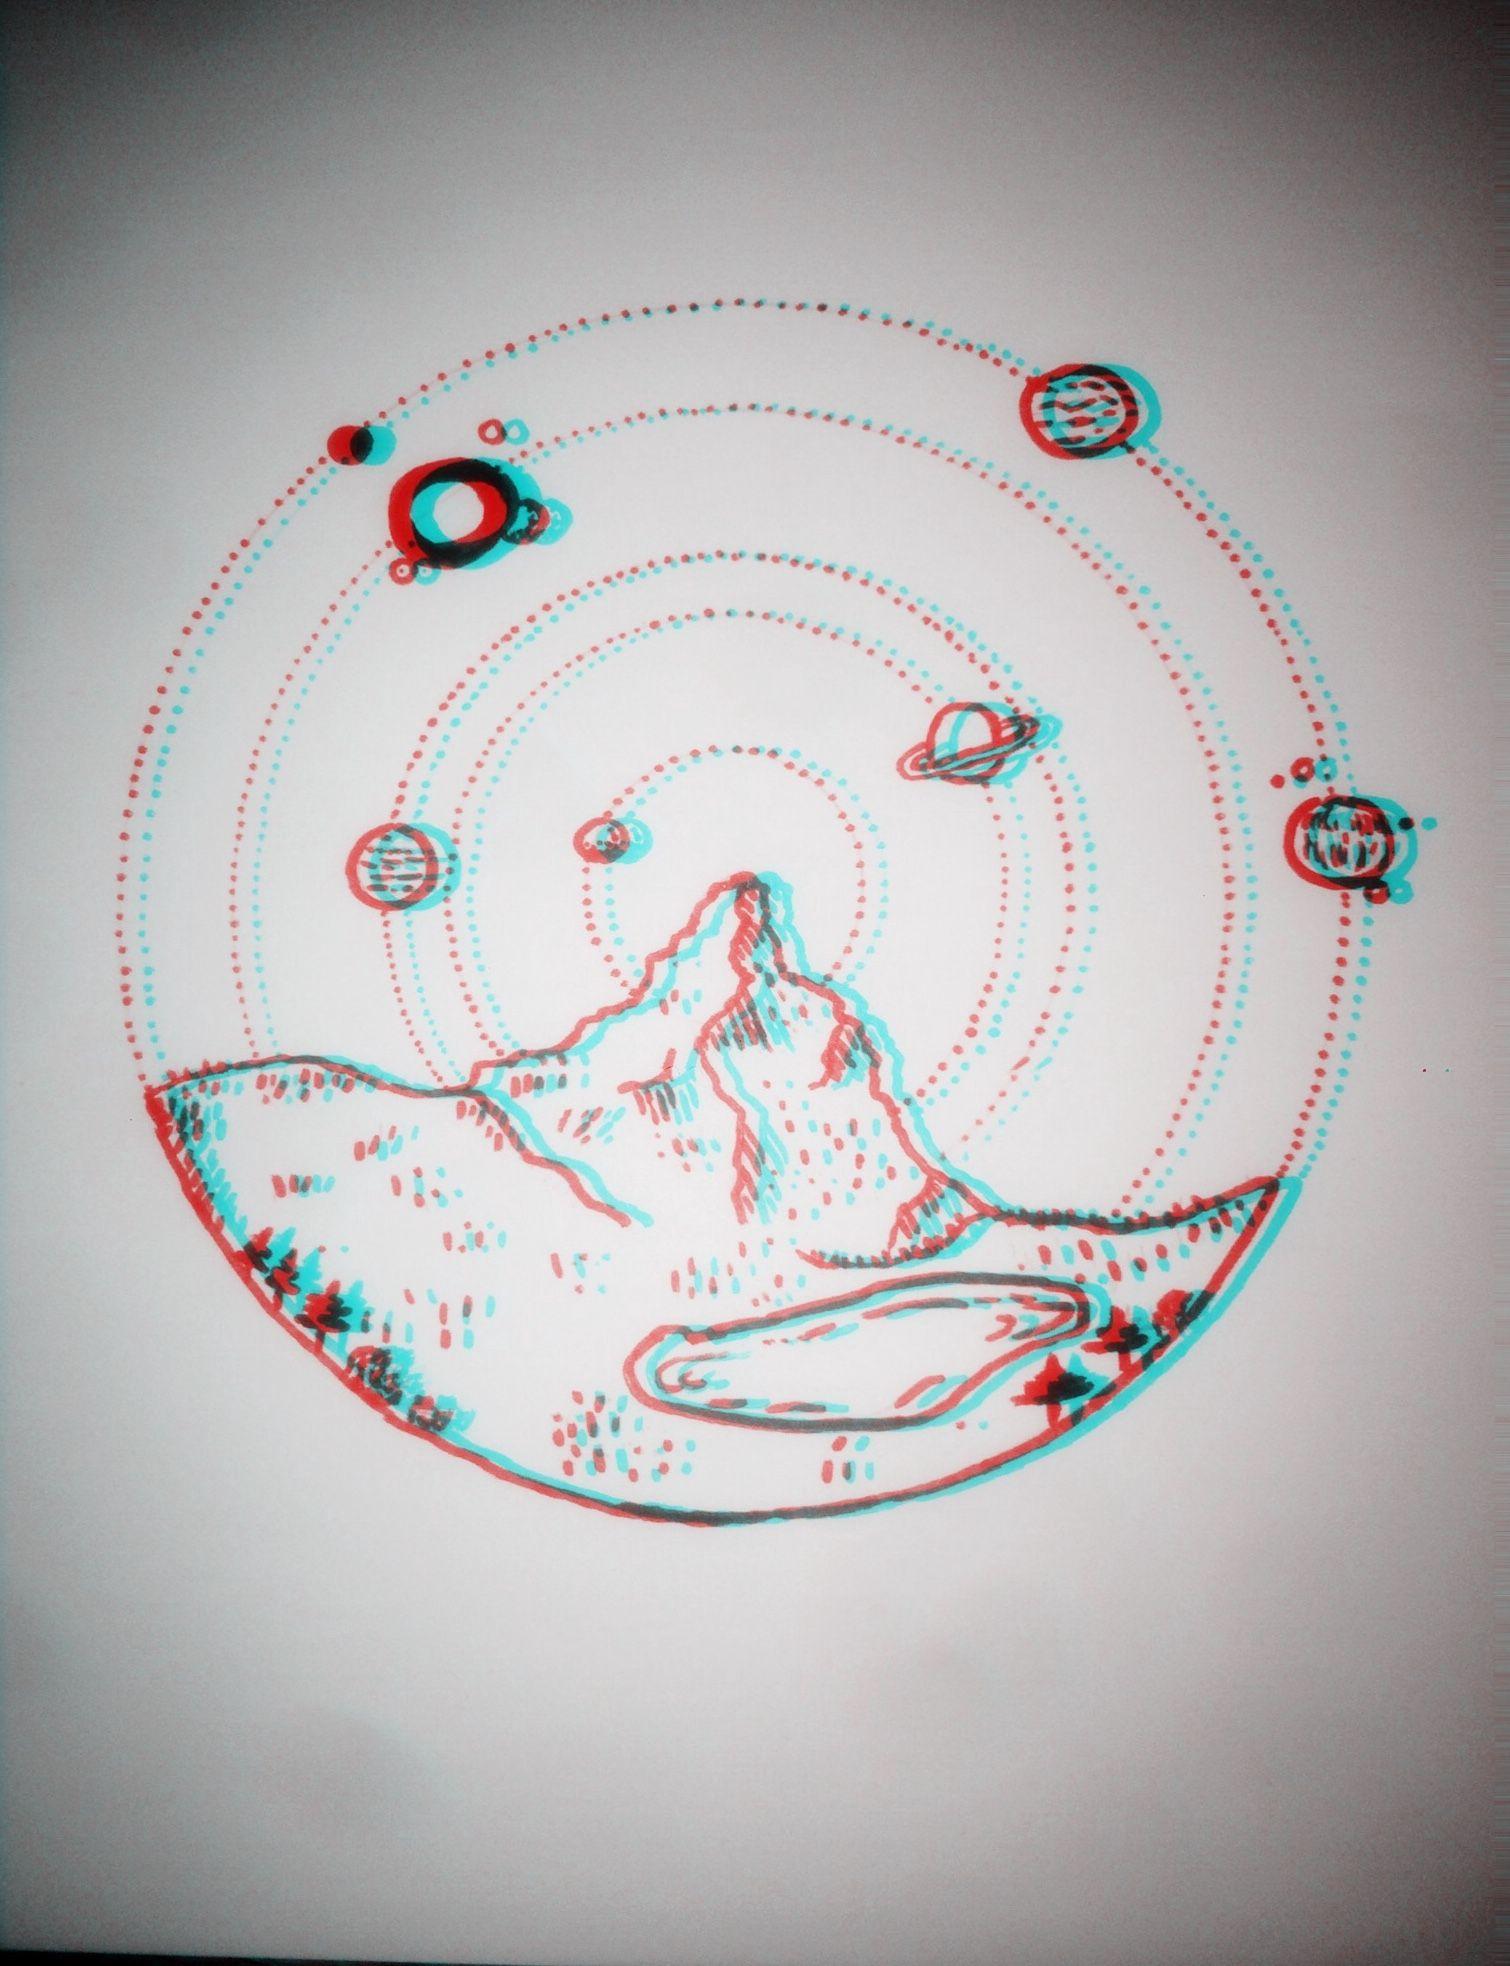 Zeichnen #weltall #kreise #schwarz #weis #malen | Zeichnen ganzes Kreise Zeichnen